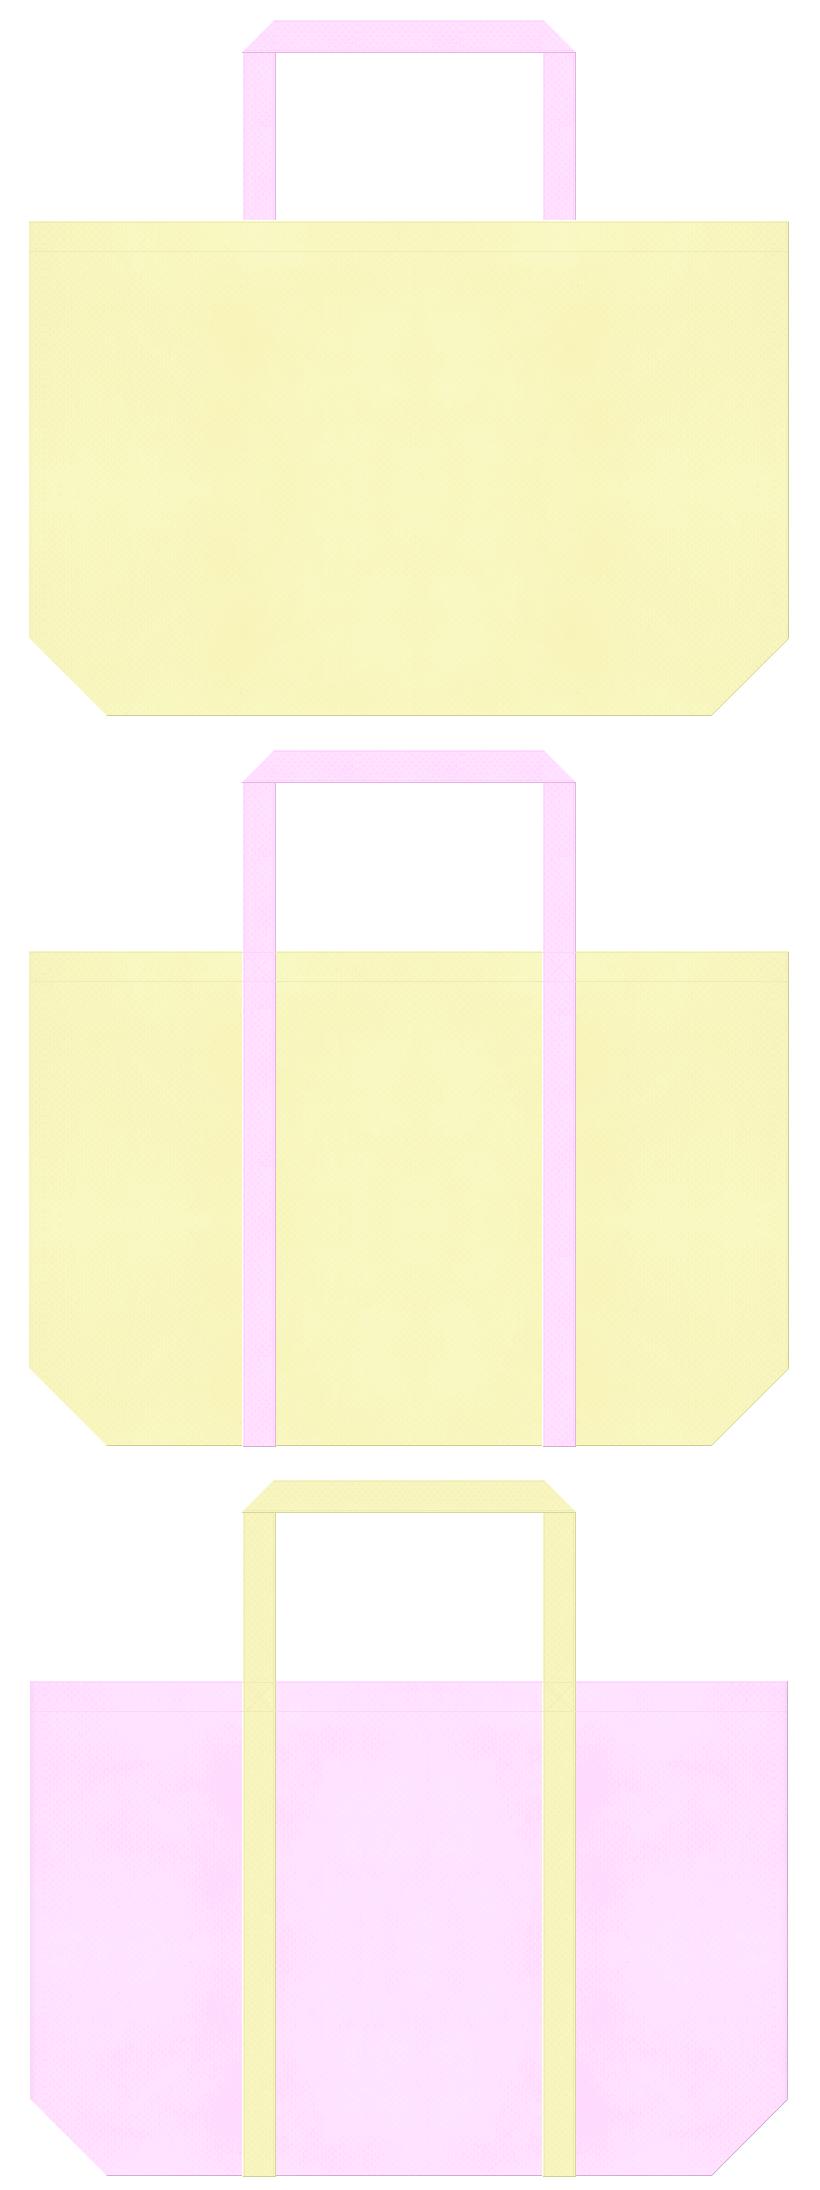 優しさ・ゆるさ・リラックス・絵本・おとぎ話・保育・福祉・介護・医療・七五三・入園・入学・ひな祭り・パステルカラー・ガーリーデザイン・ムーンライト・バタフライ・ピーチ・ファンシー・フラワーショップにお奨めの不織布バッグデザイン:薄黄色と明るいピンク色のコーデ